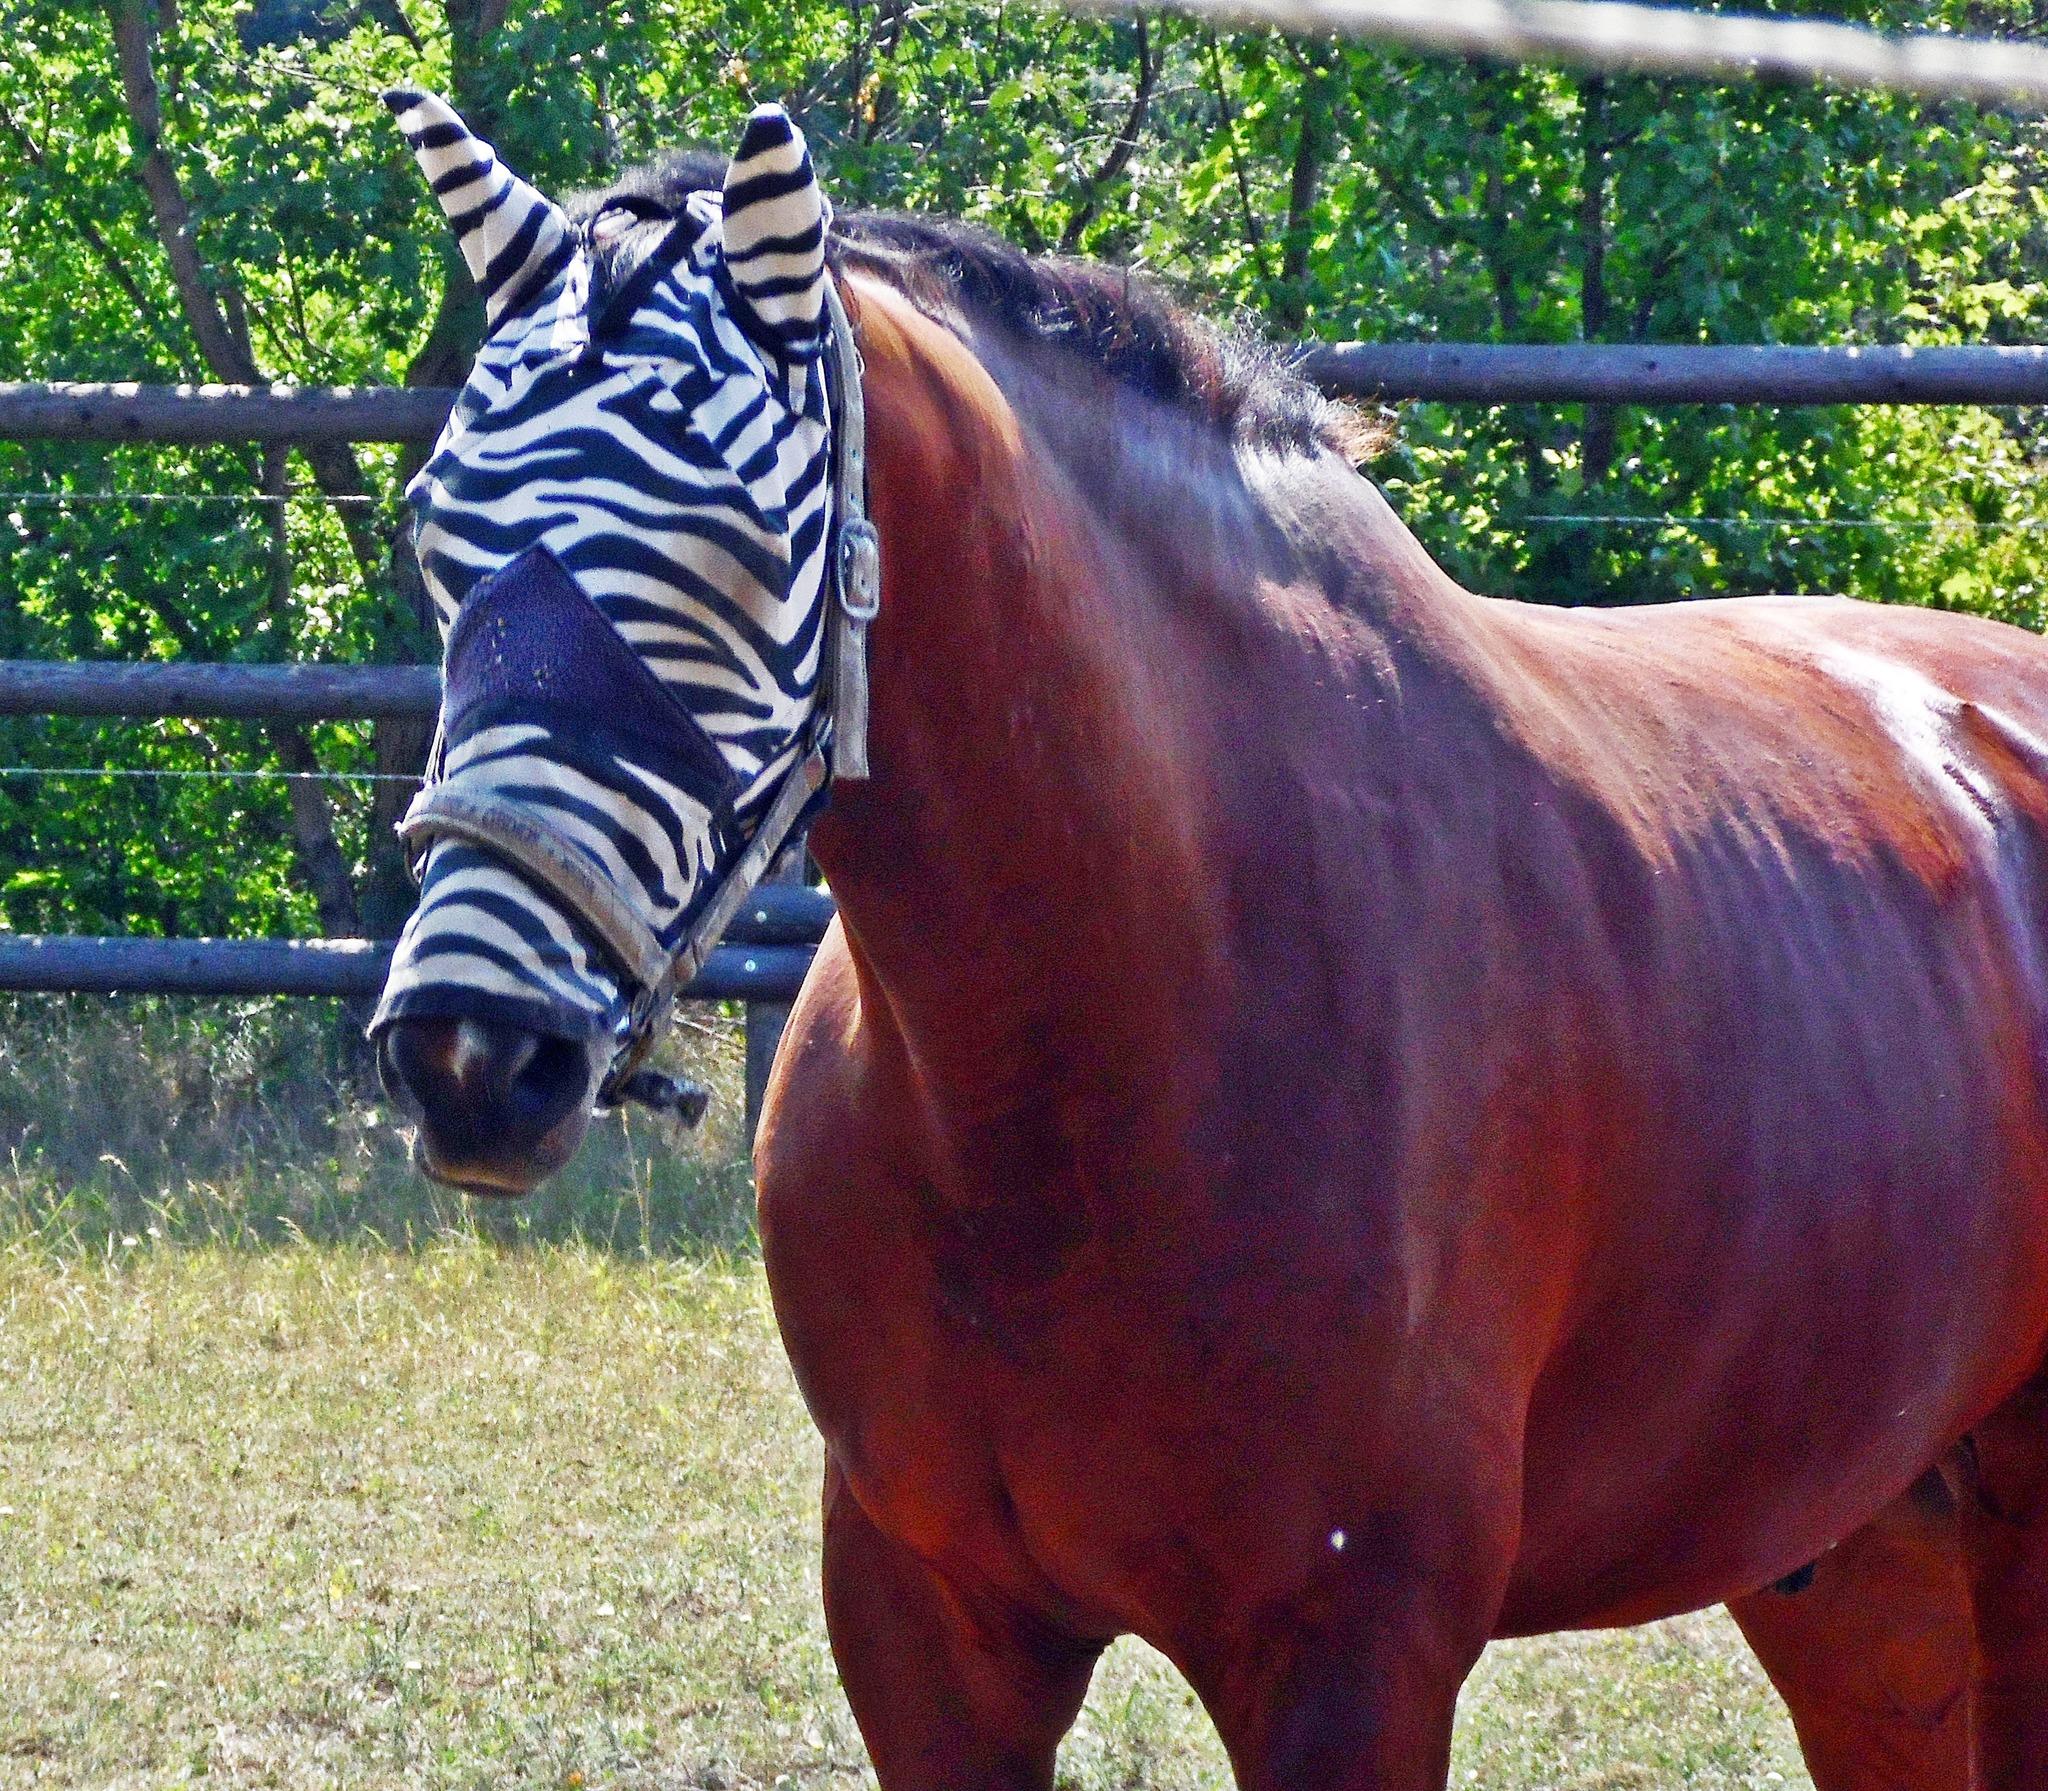 Sind die beiden Zebras schwul was meint ihr